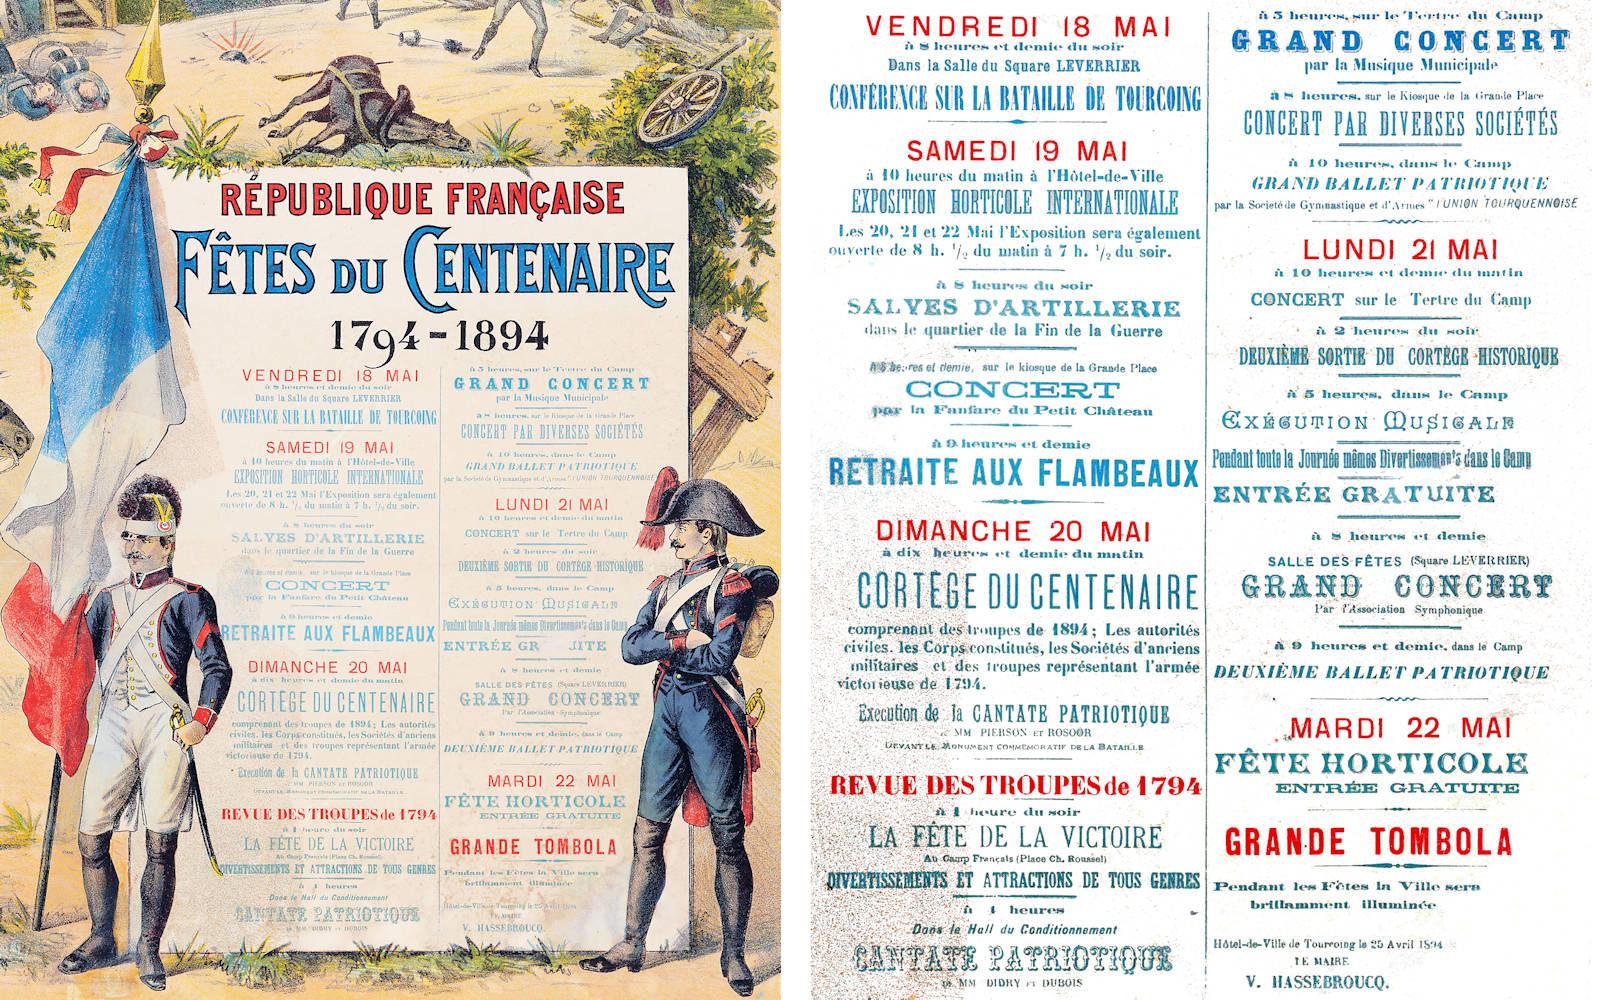 Détail du programme des festivités - Affiche Centenaire de la Bataille de Tourcoing.